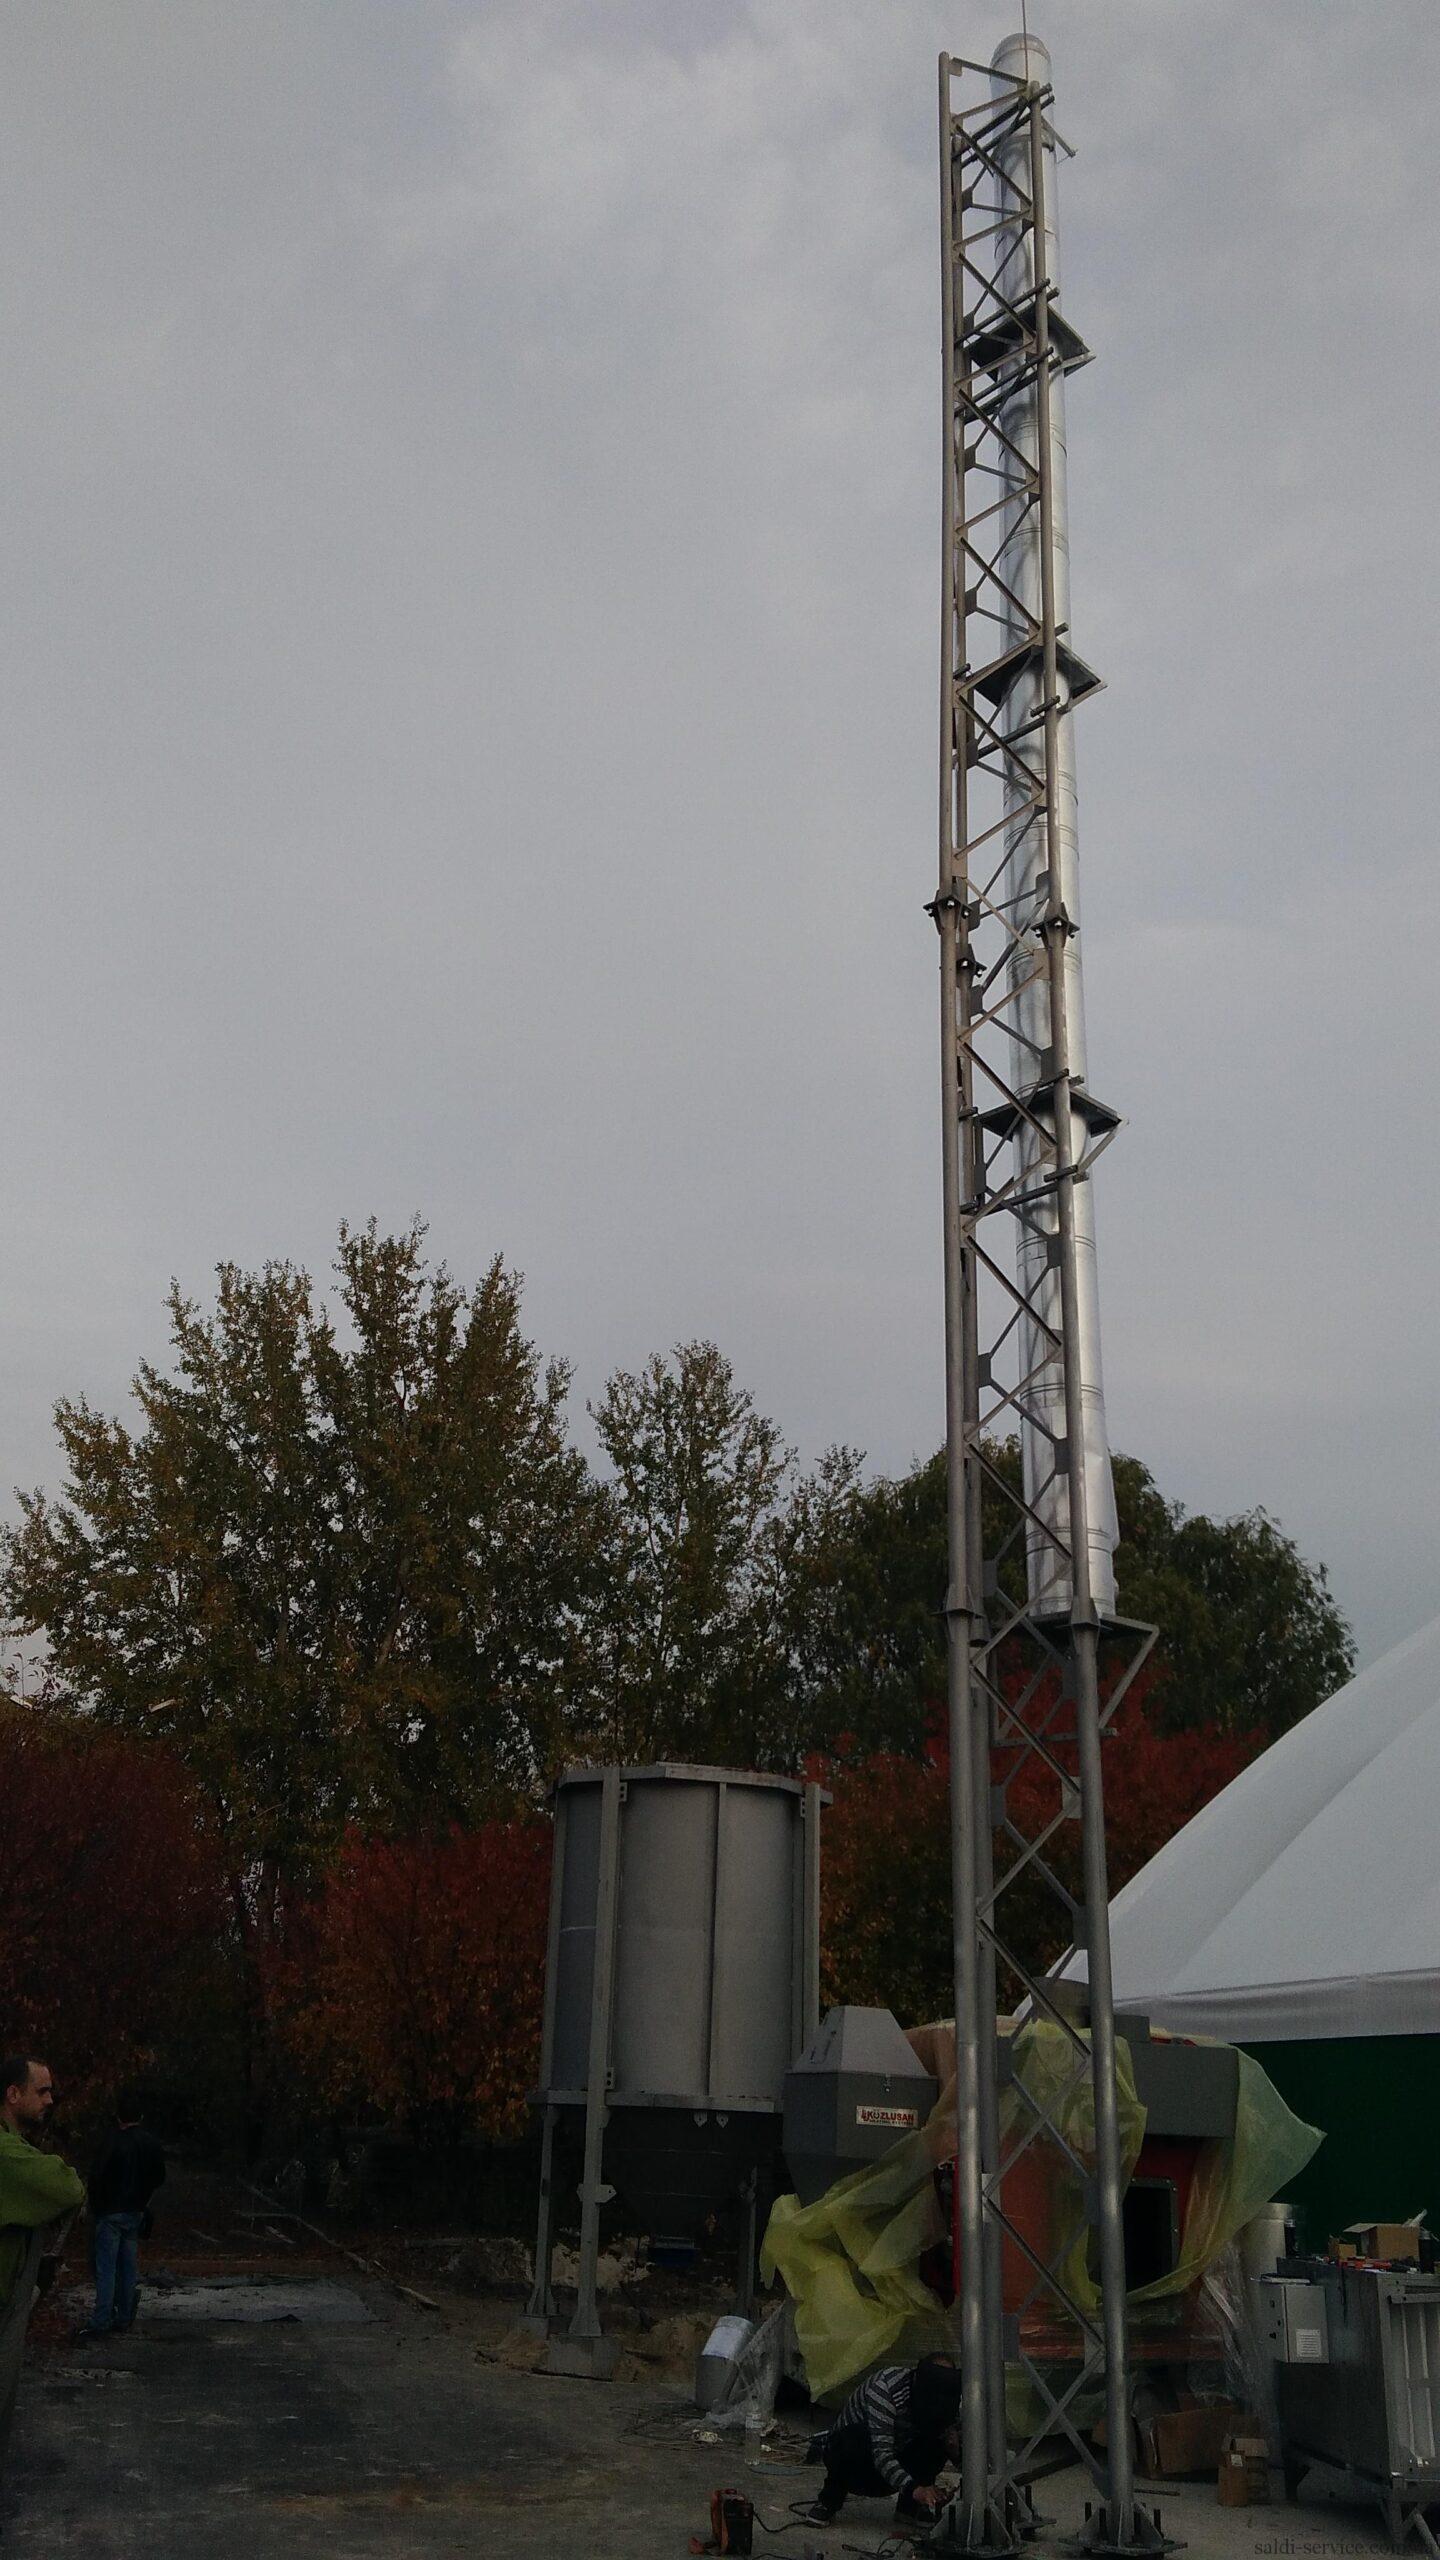 Монтаж пелетного воздушного теплогенератора и опорной мачты-9